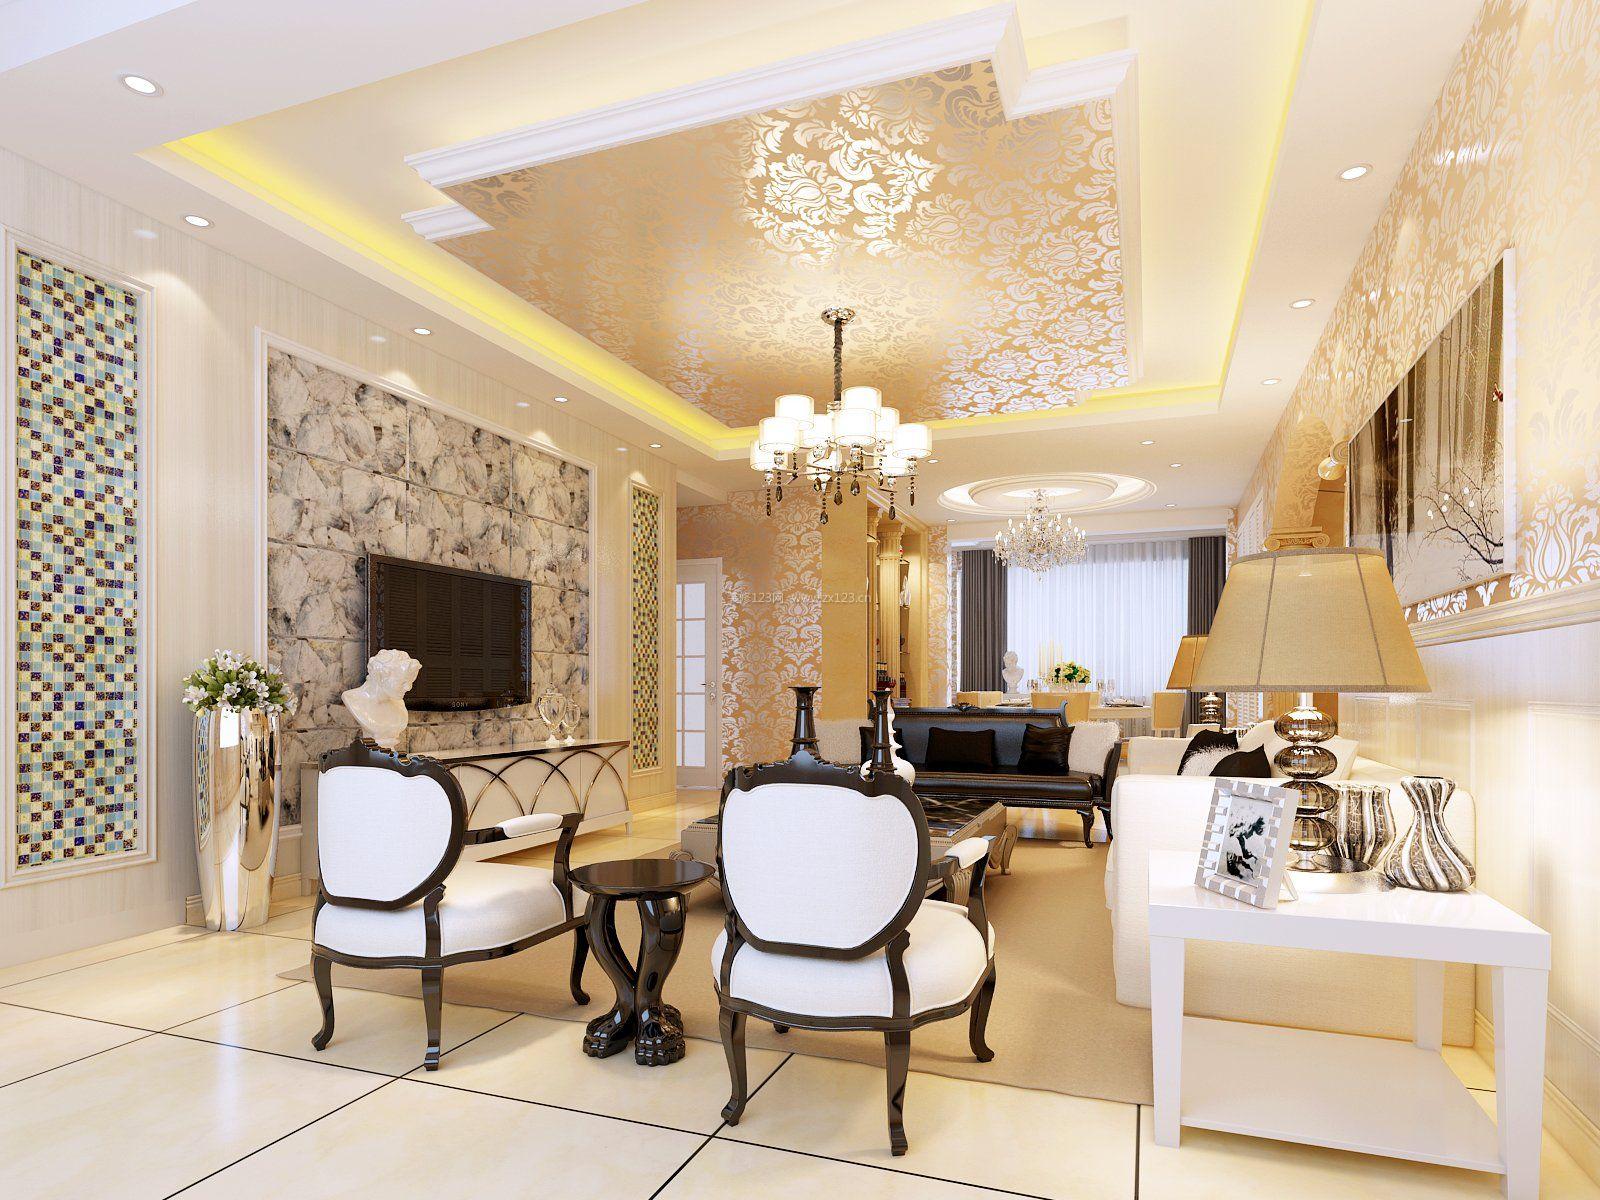 杭州房屋欧式客厅装修图